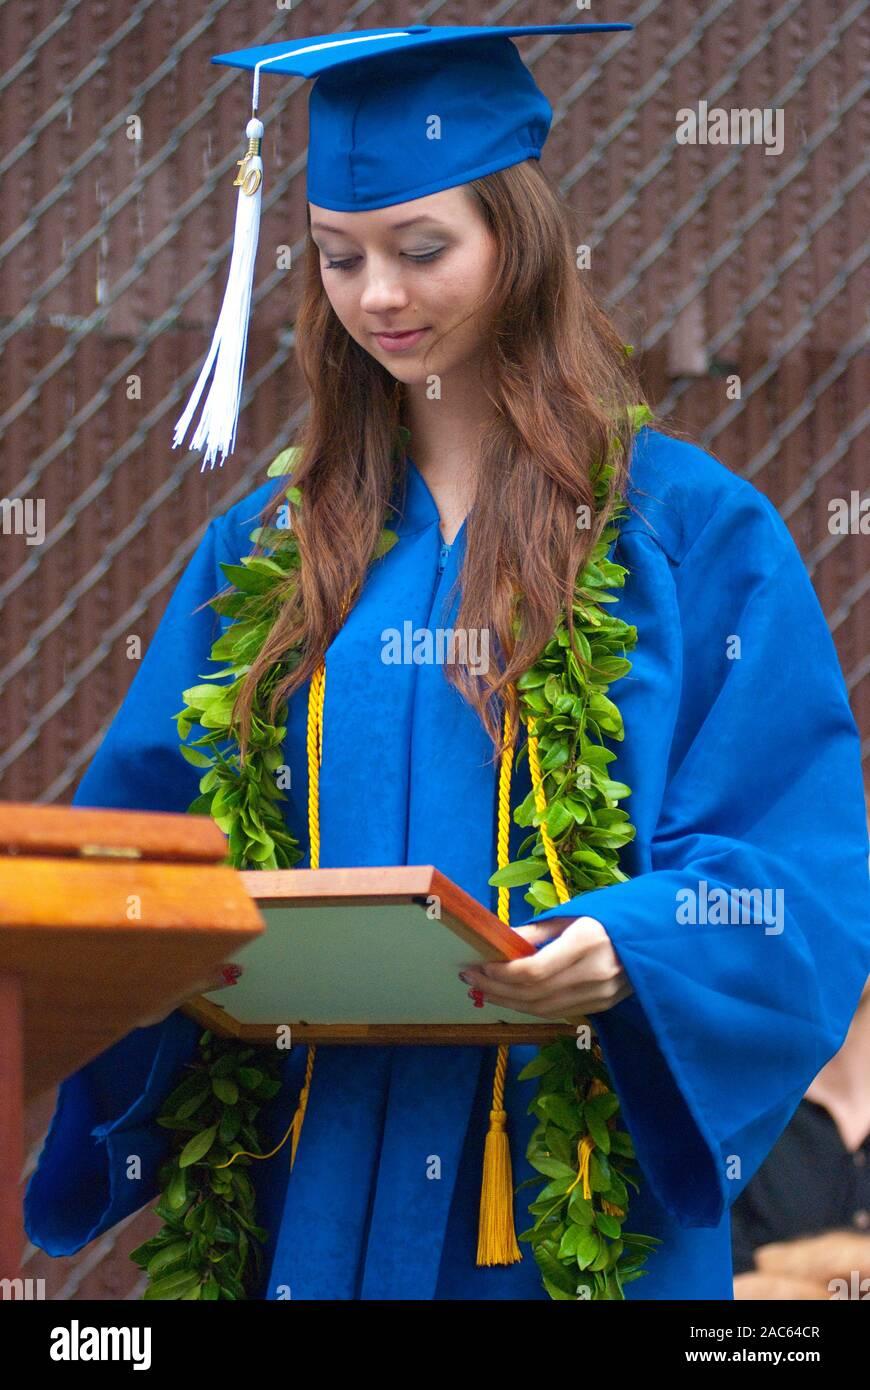 High School Abschluss der Akademie des Pazifiks, jetzt eine geschlossene private Schule, in Honolulu auf der Insel O'ahu. Stockfoto